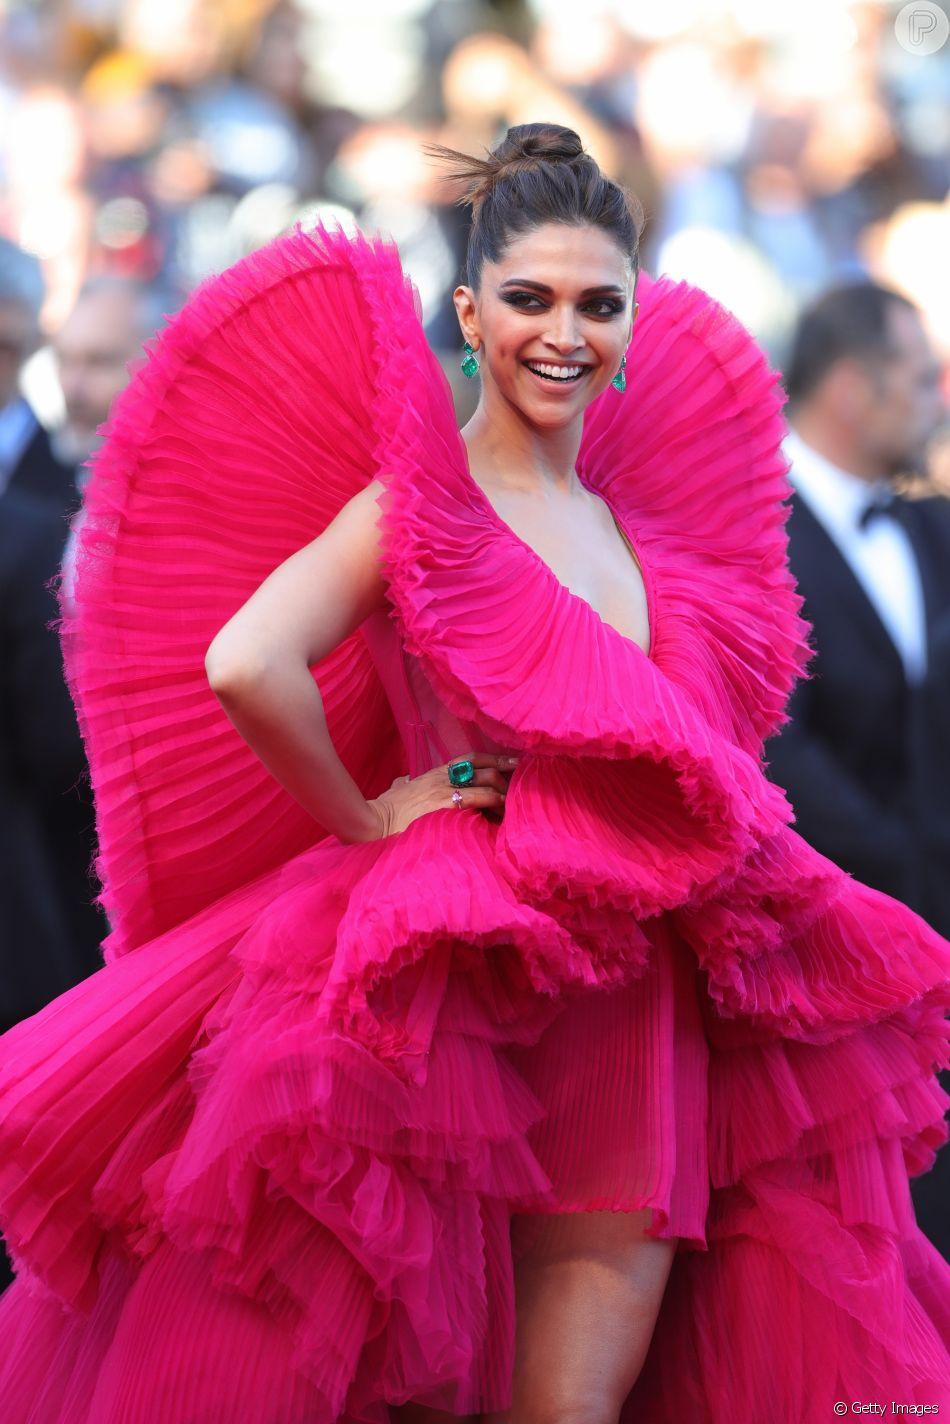 Vestido Ashi de Deepika Padukone em Cannes é feito de chiffon plissado com armações que dão volume e movimento à peça